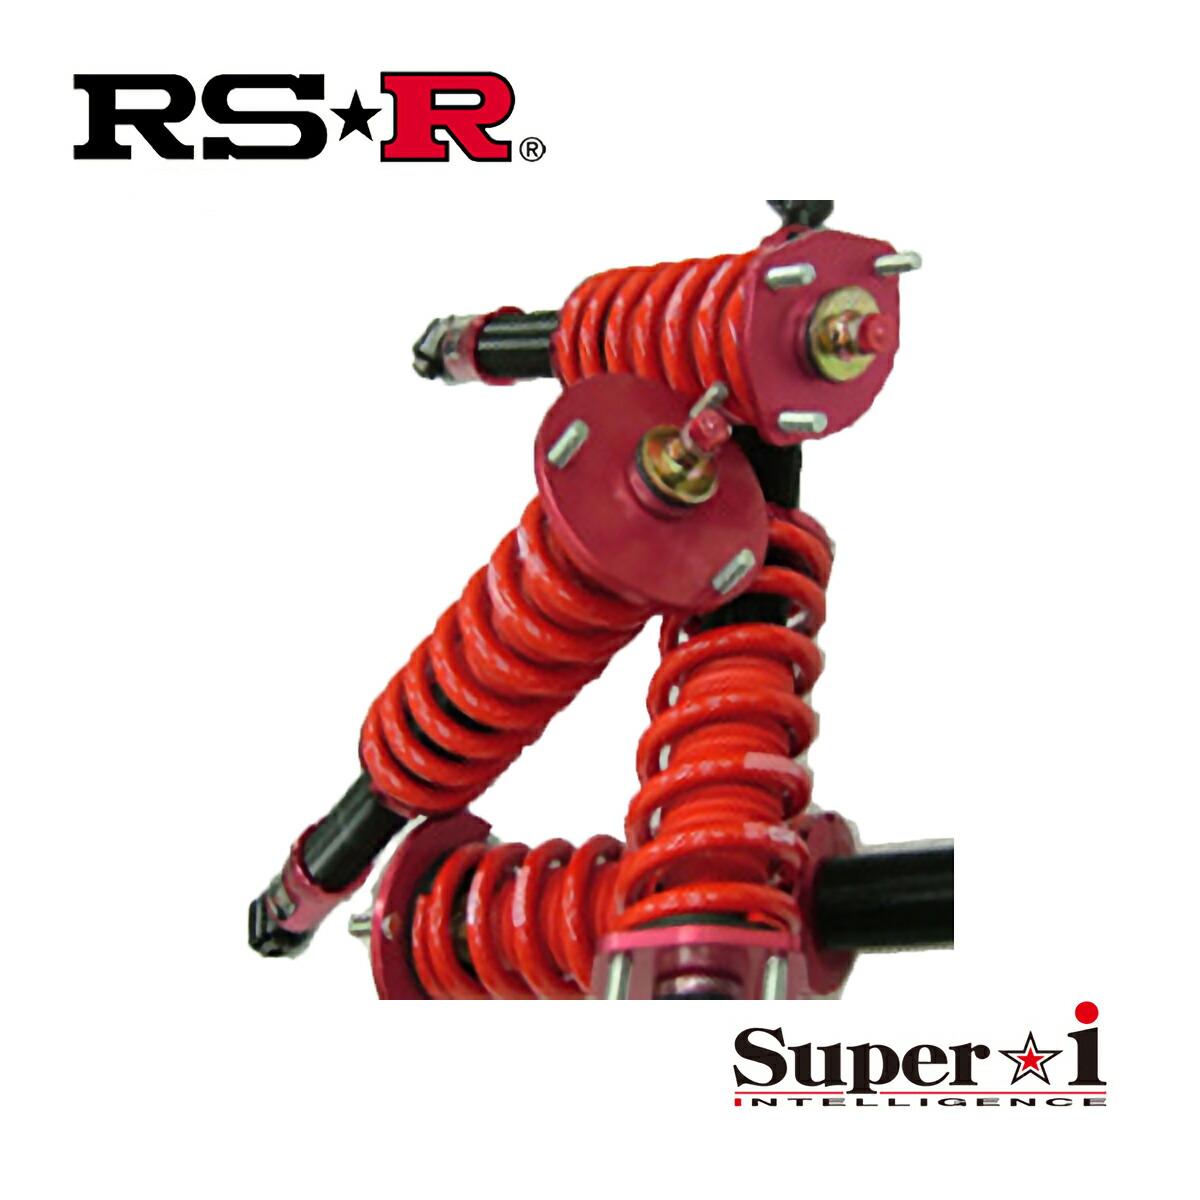 RS-R フーガハイブリッド ベースグレード HY51 車高調 リア車高調整:全長式/ソフトバネレート仕様 SIN281S RSR スーパーi RSR 個人宅発送追金有